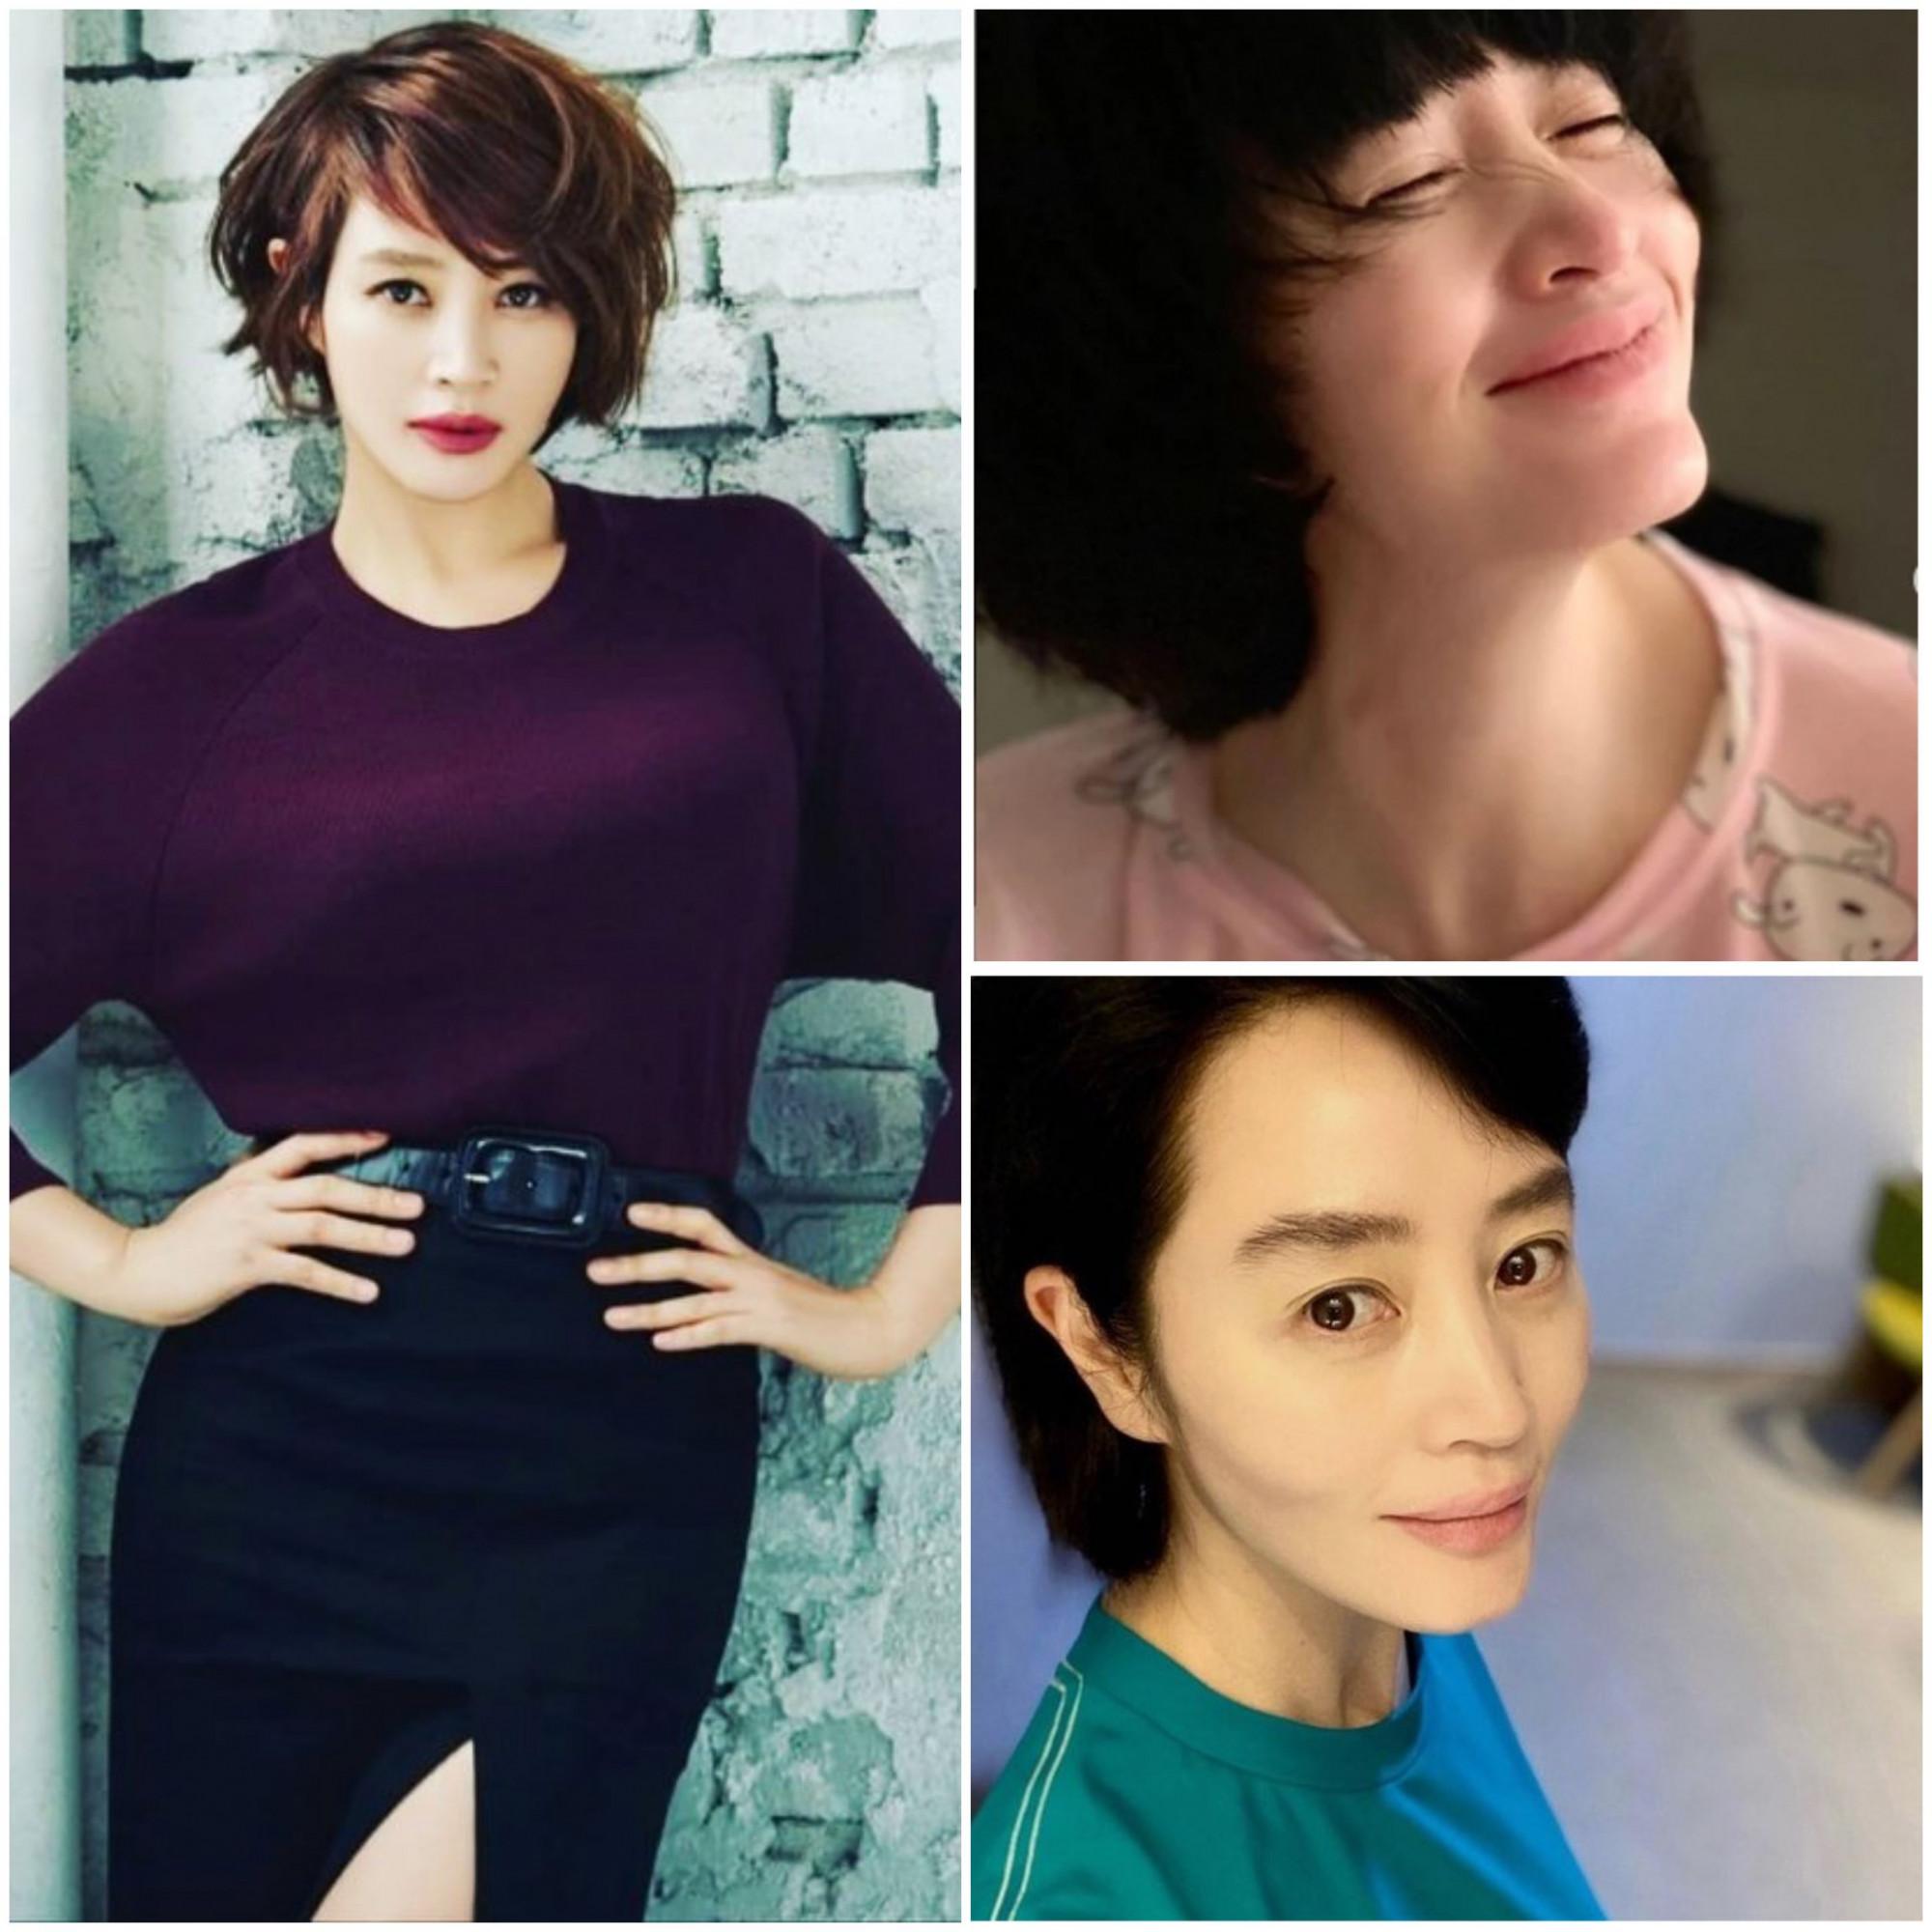 """Không hổ danh """"Nữ hoàng gợi cảm xứ Hàn"""", Kim Hye Soo vẫn chứng tỏ sức hút của một ngôi sao hàng đầu dù đã sang tuổi 51. Mới đây, những bức ảnh mặt mộc được nữ diễn viên đăng tải trên Instagram cá nhân đã nhanh chóng gây bão mạng xã hội. Hầu hết khán giả đều ngưỡng mộ và dành lời khen ngọi trước vẻ đẹp tươi tắn, khuôn mặt thon gọn của cô."""